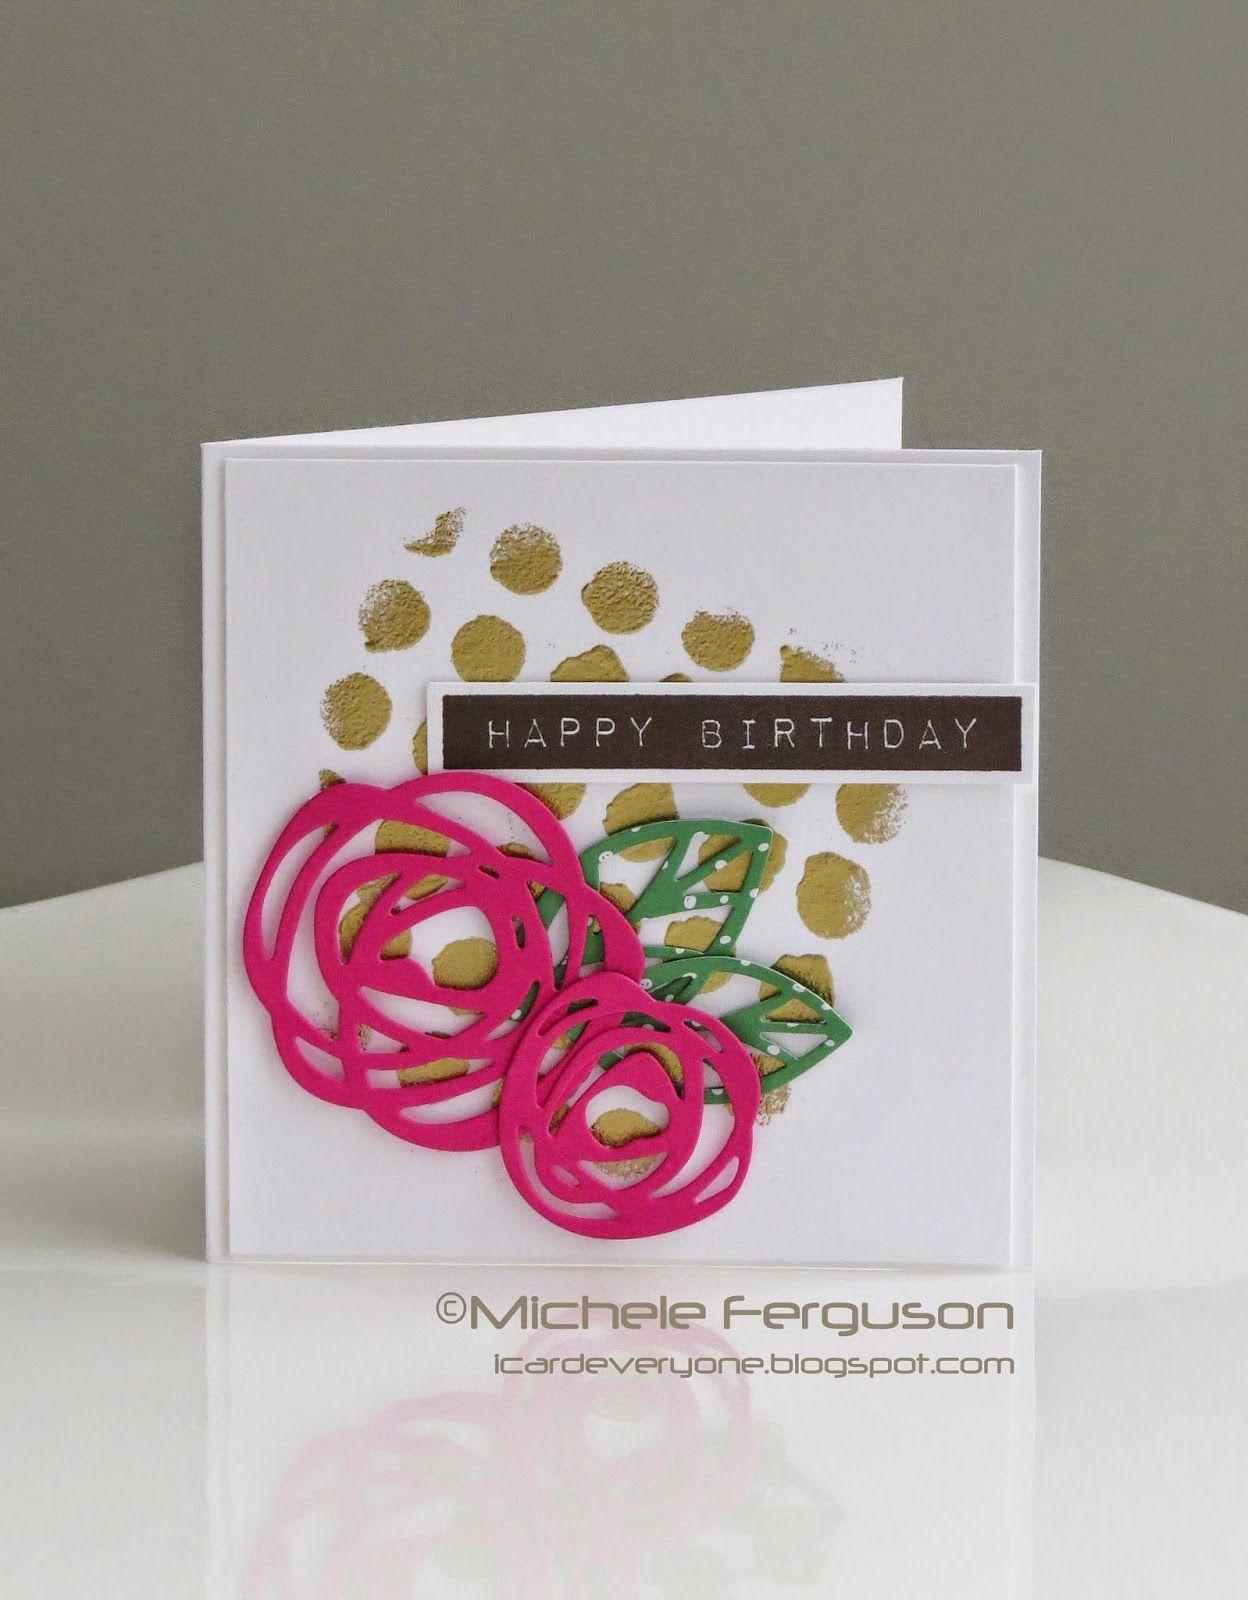 Birthday Dots Card by Michele Ferguson using #EssentialsbyEllen dies. #PinSightsChallenge #ellenhutsonllc #BoldBlooms